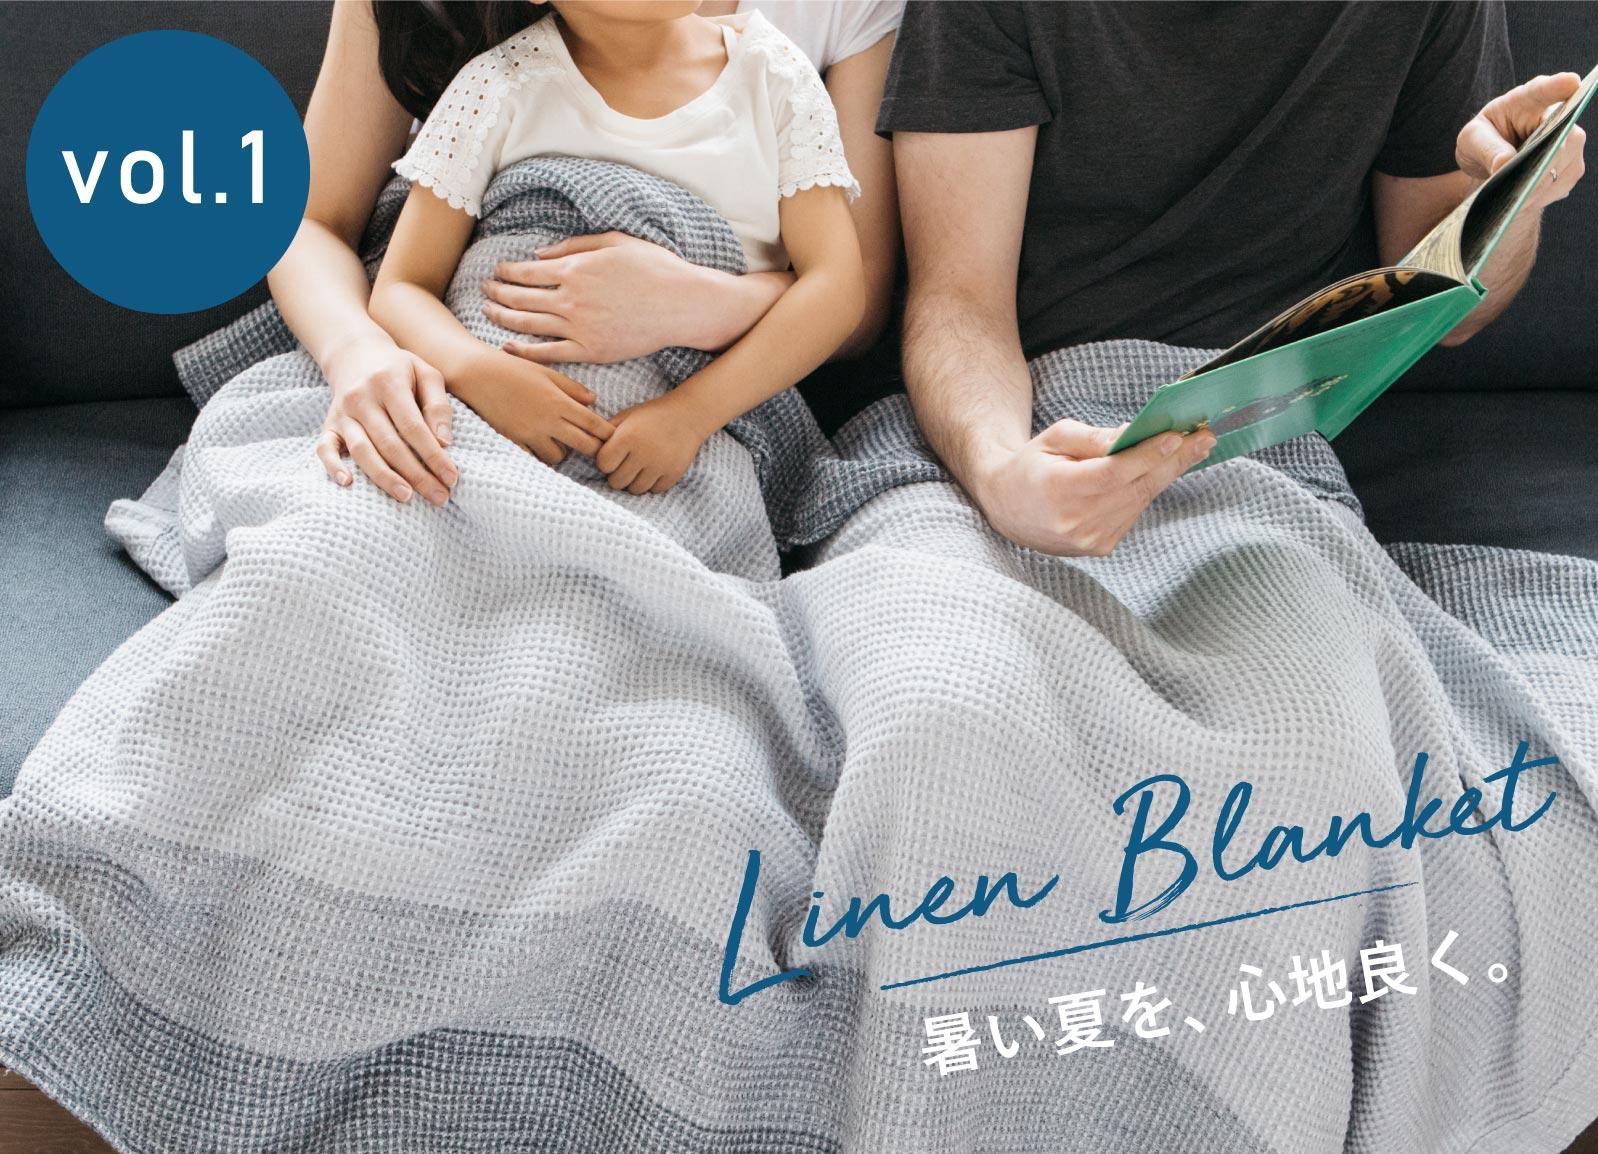 vol.1 - Linen Blanket - 暑い夏を、心地良く。